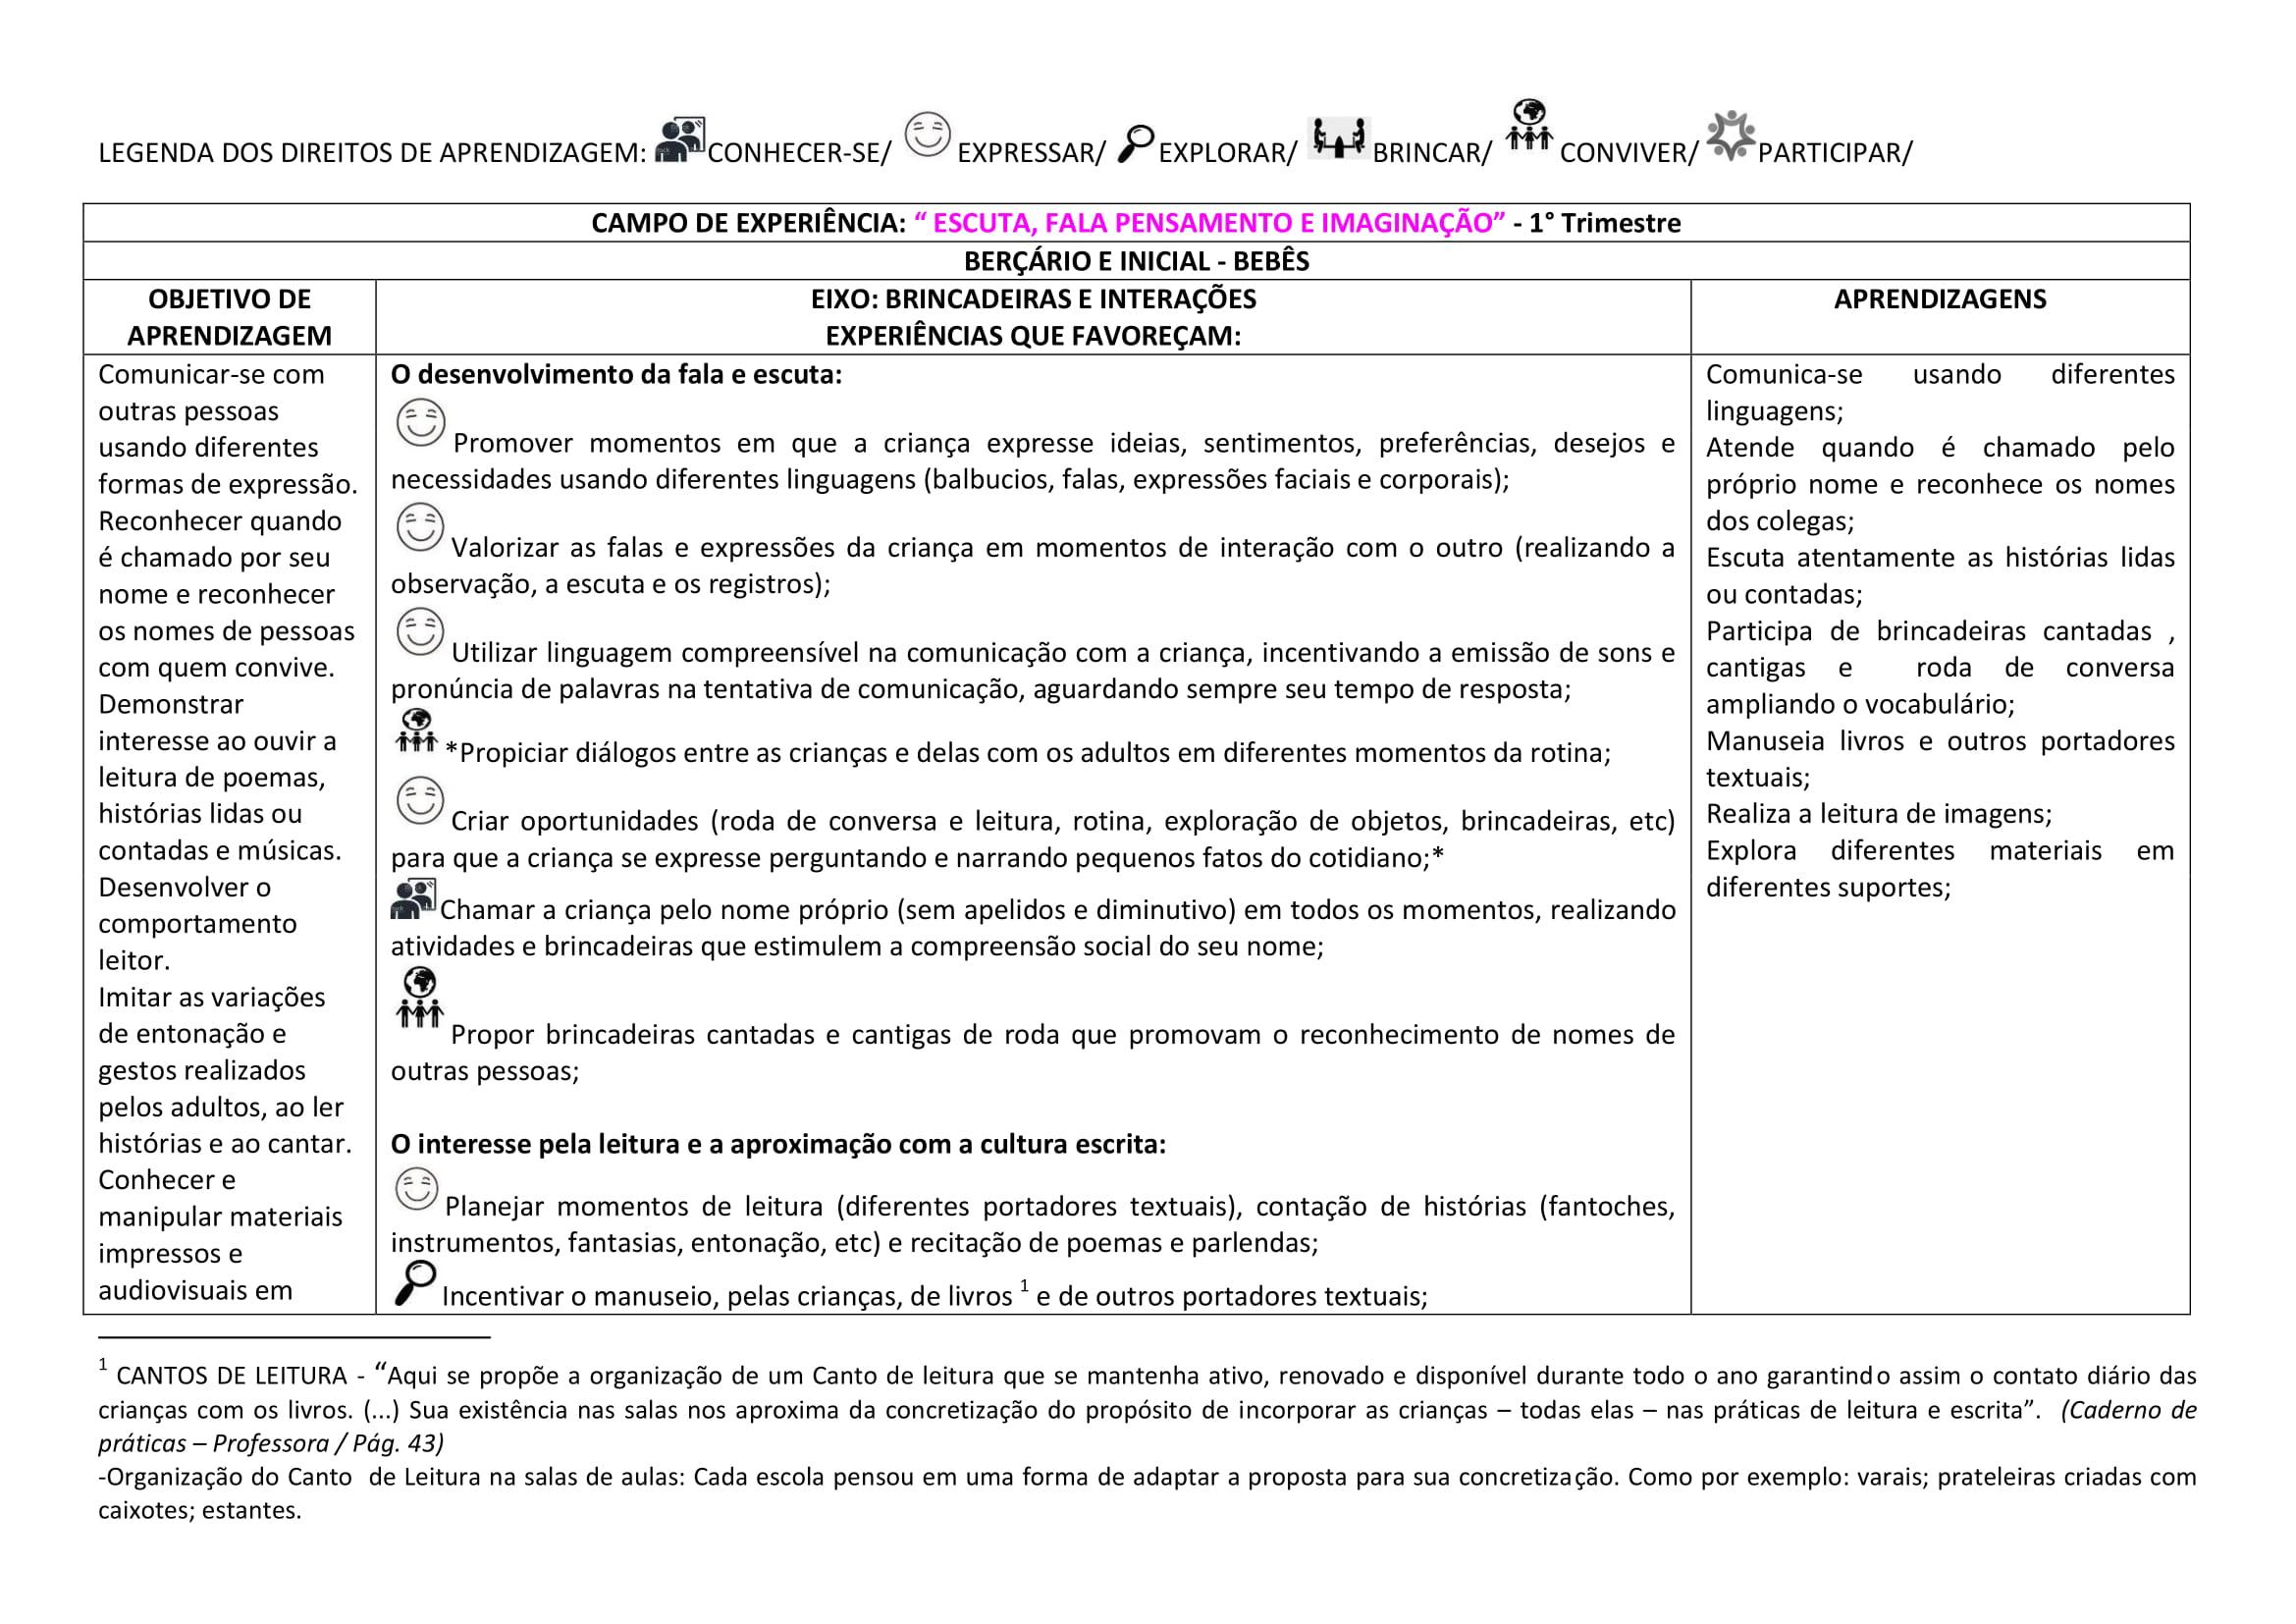 Berçário-e-Inicial-05